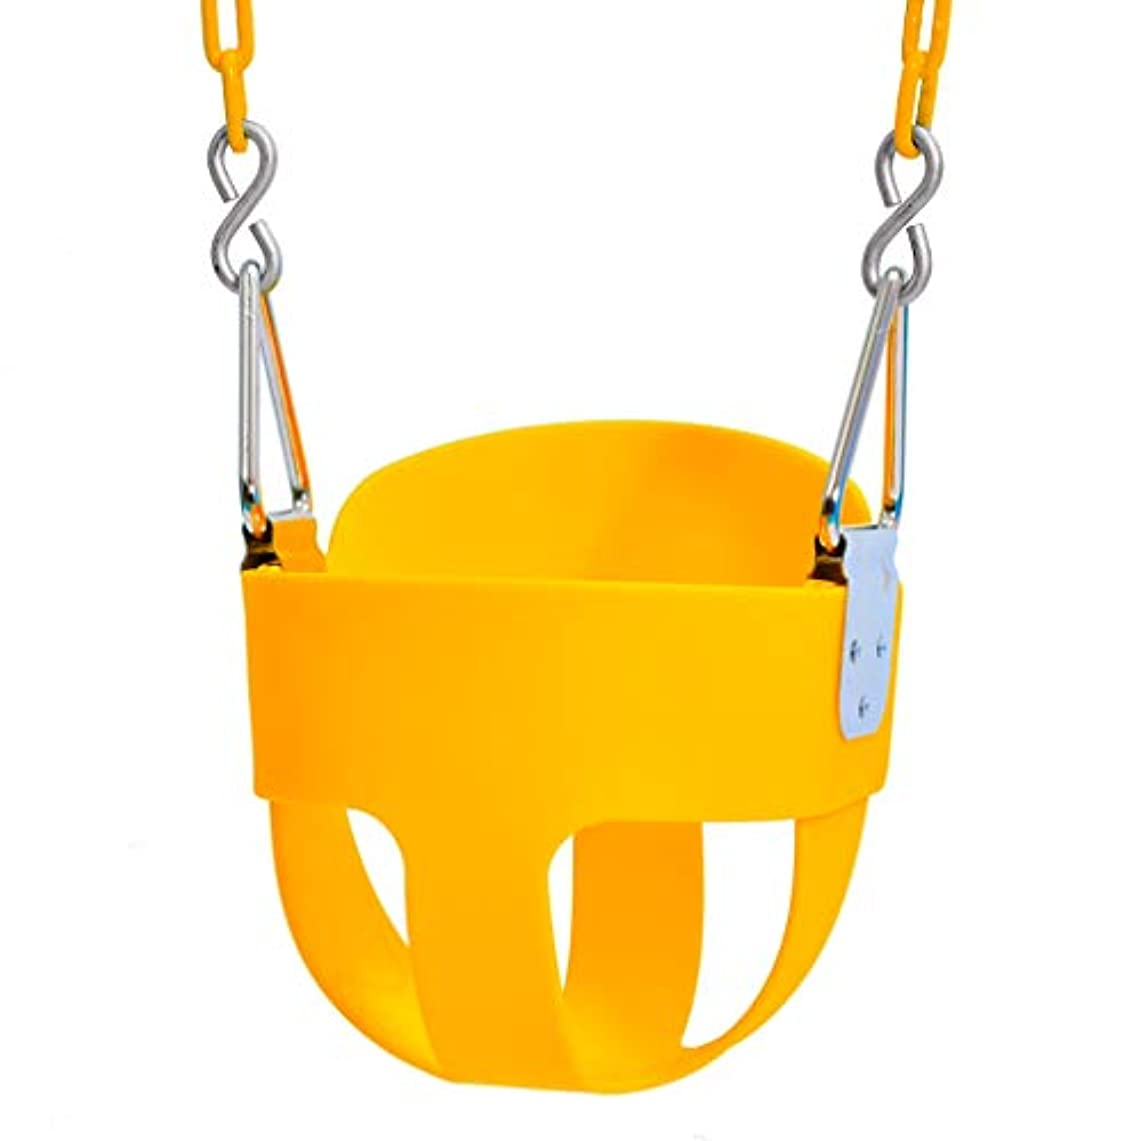 今最大化する報奨金IVEGLA ハンモック ぶらんこ EVAブランコ つりいす吊り椅子 子供 耐荷重150kg 室内 室外 兼用 公園 ピクニック 軽量 携帯便利